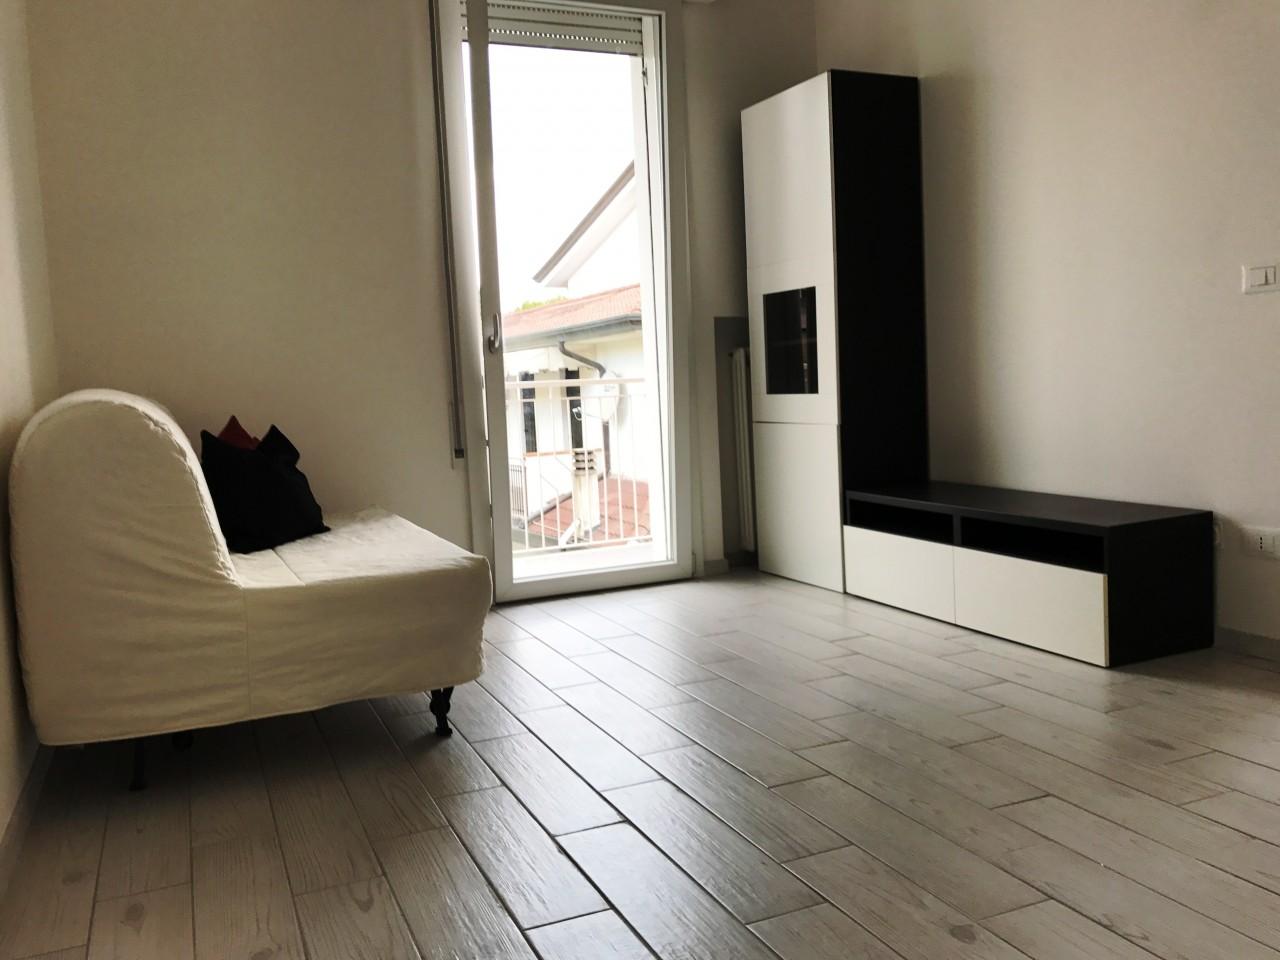 Madonna pellegrina appartamento al secondo piano for Camera matrimoniale e piani bagno